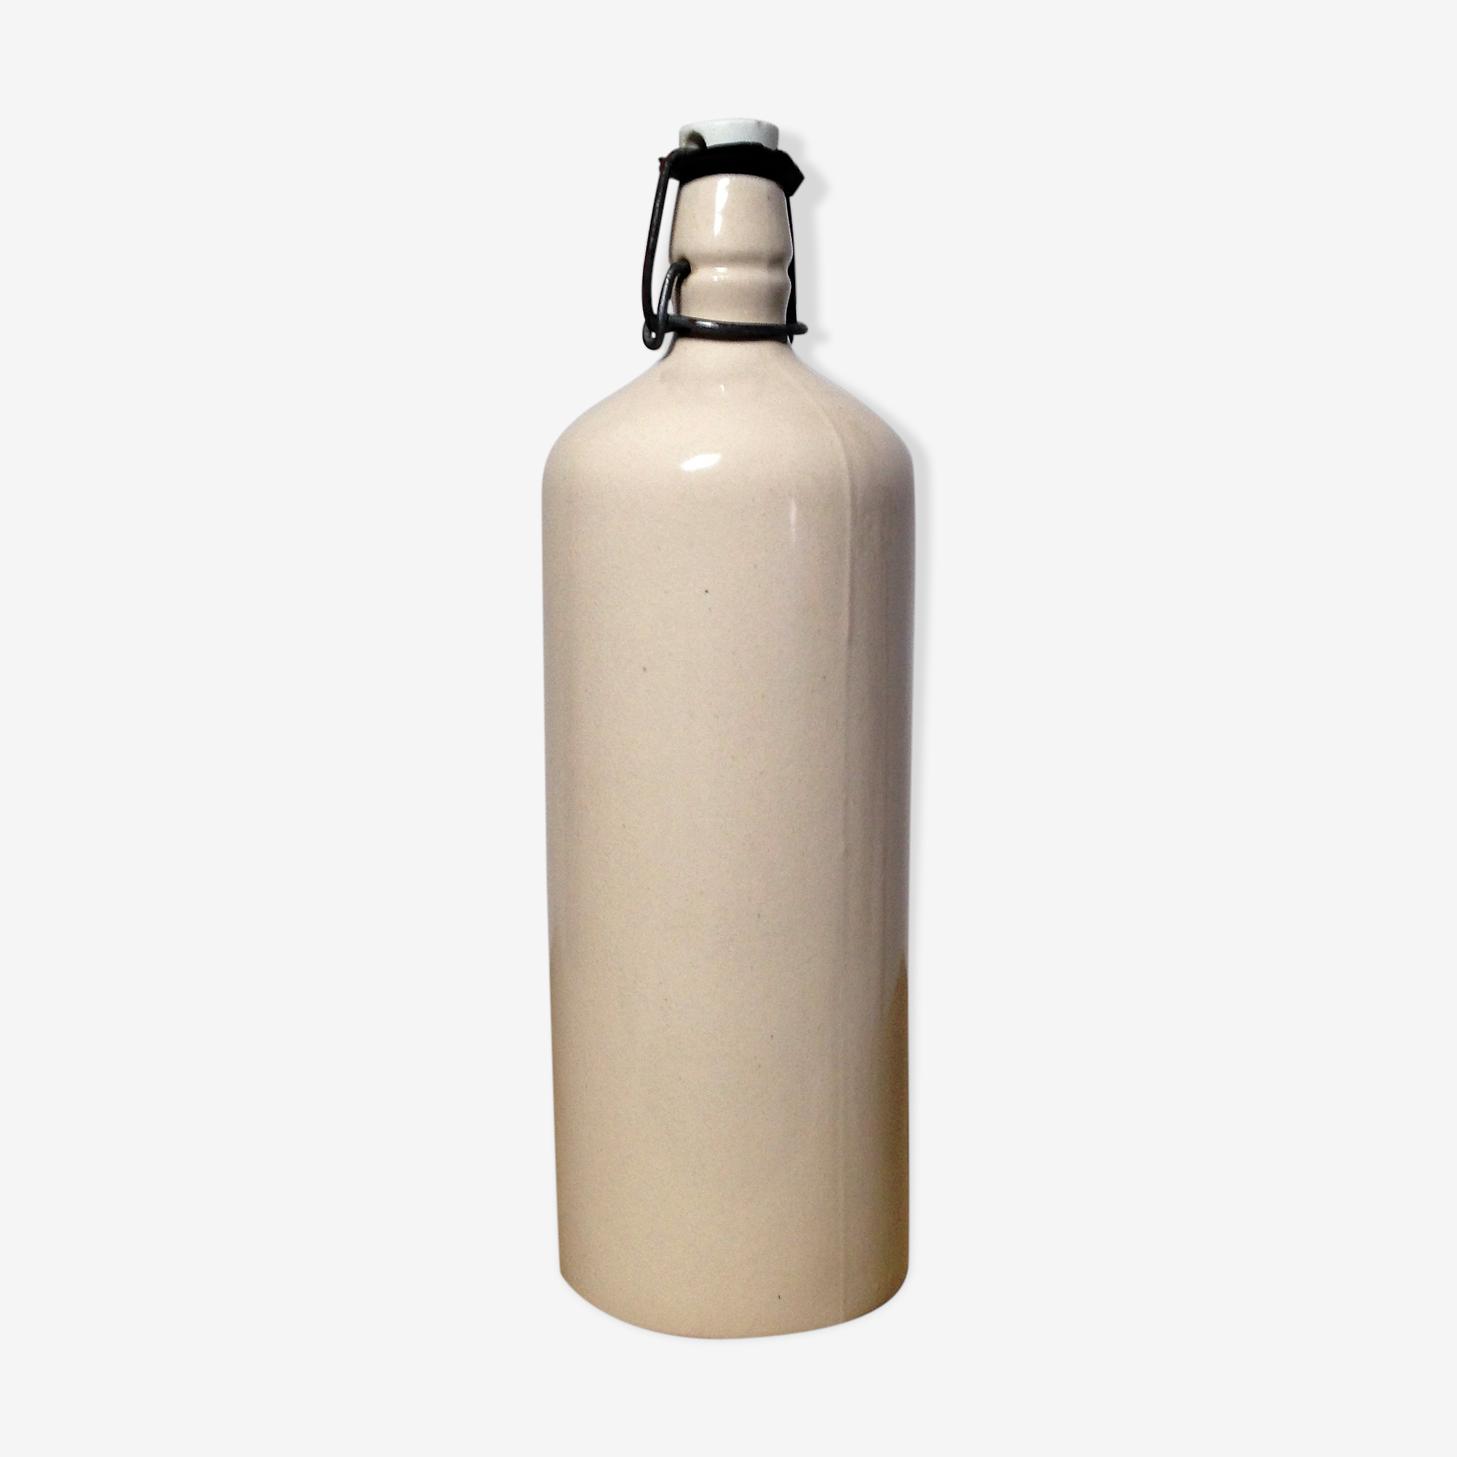 White glazed stoneware bottle